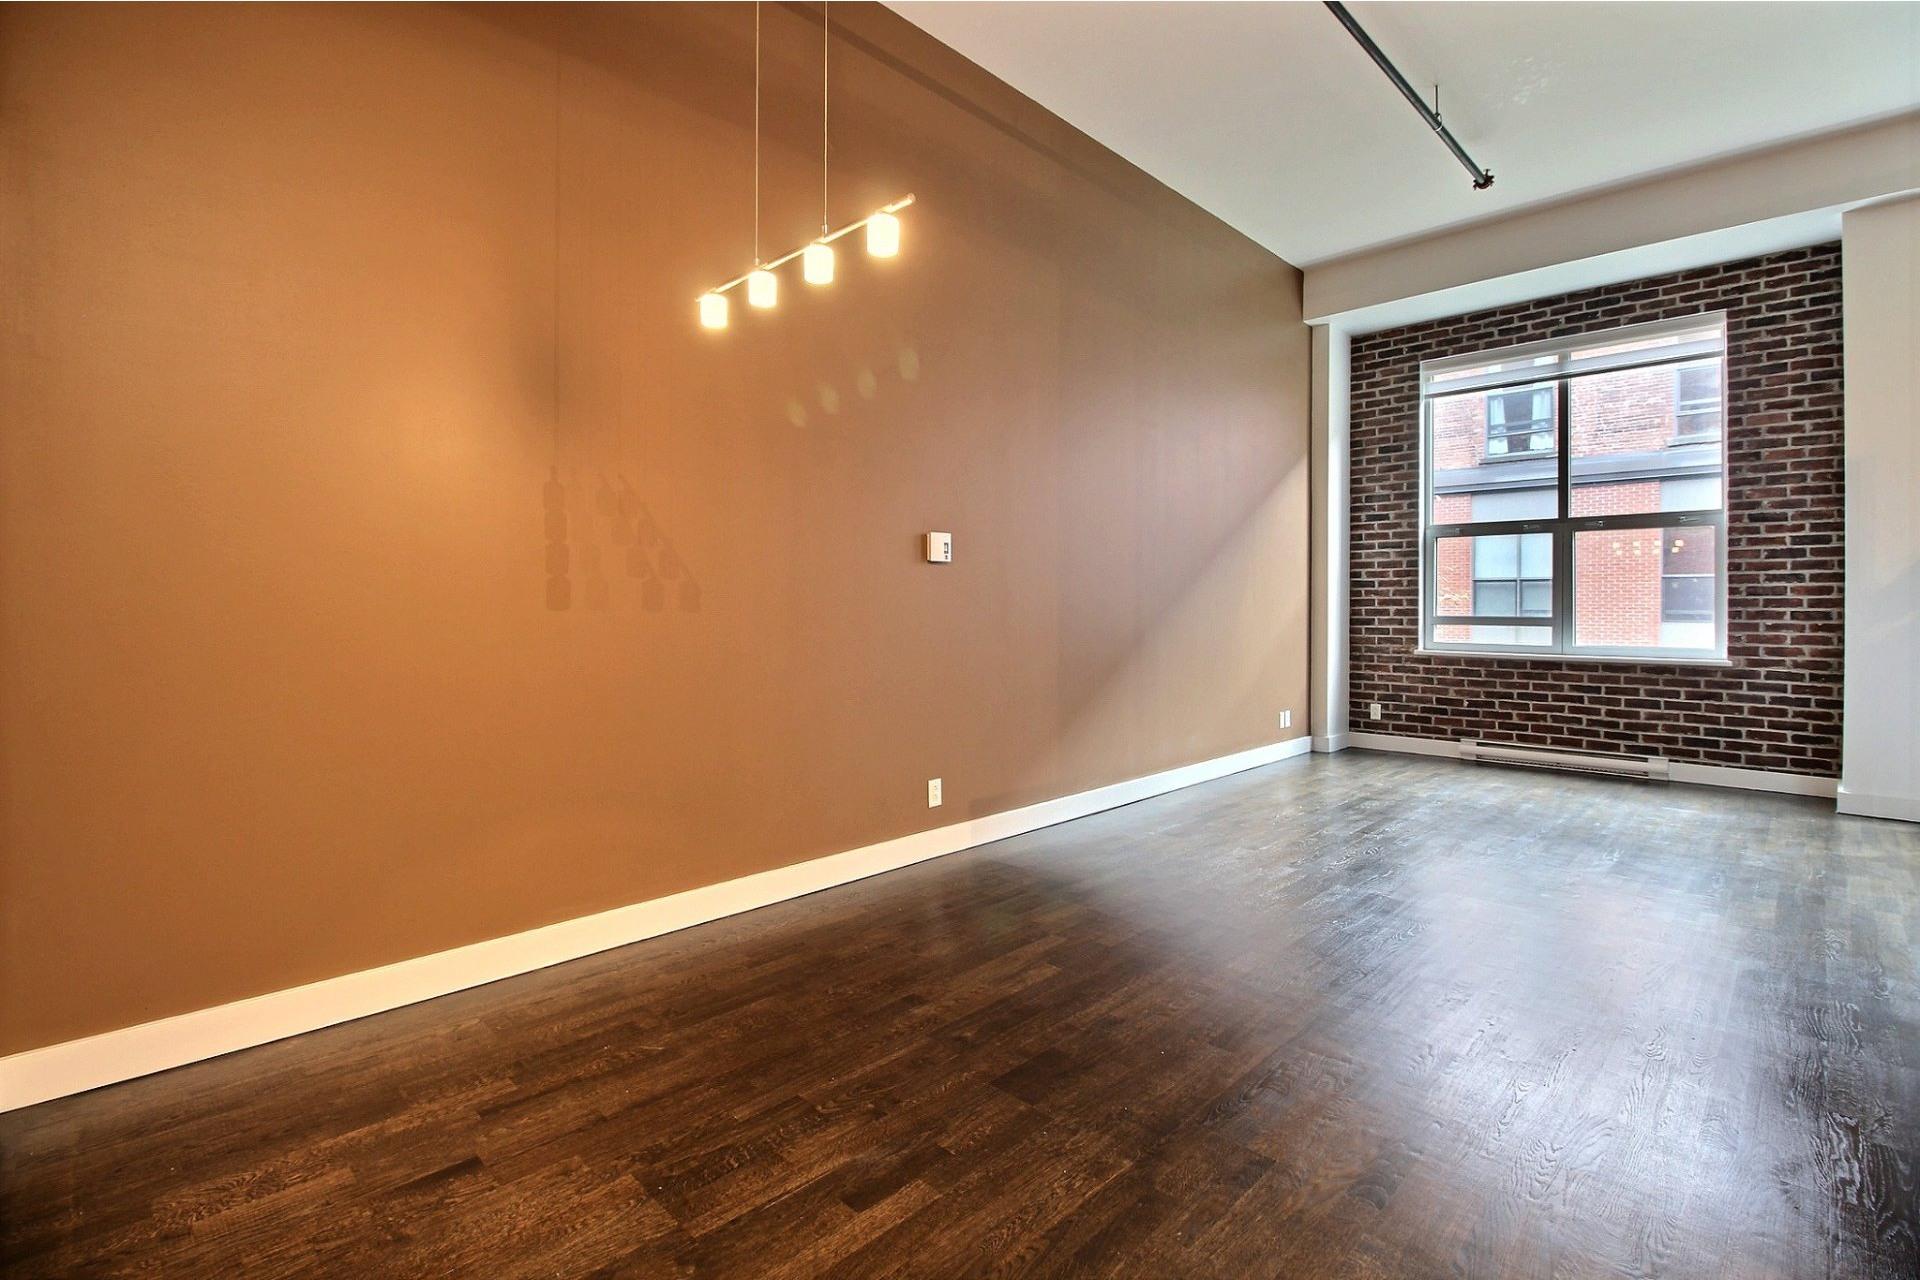 image 7 - Apartment For rent Mercier/Hochelaga-Maisonneuve Montréal  - 6 rooms